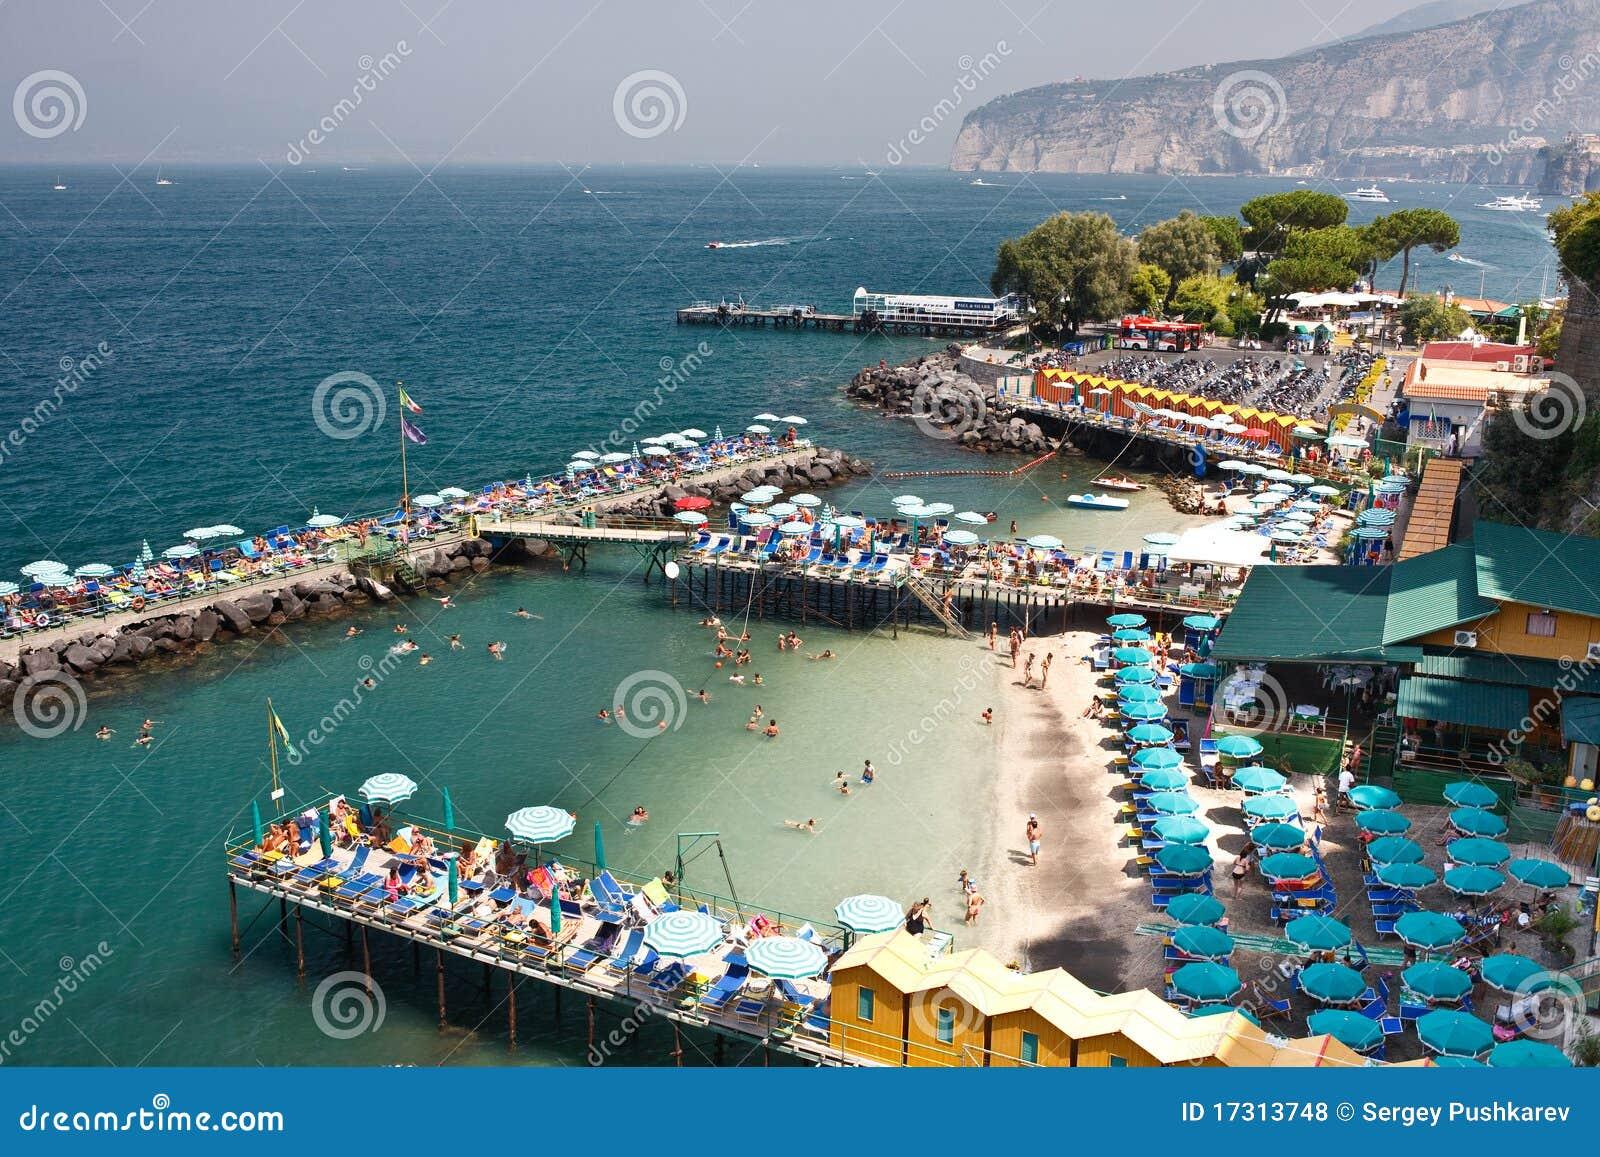 Italian House Plans Sorrento Beaches Royalty Free Stock Photos Image 17313748